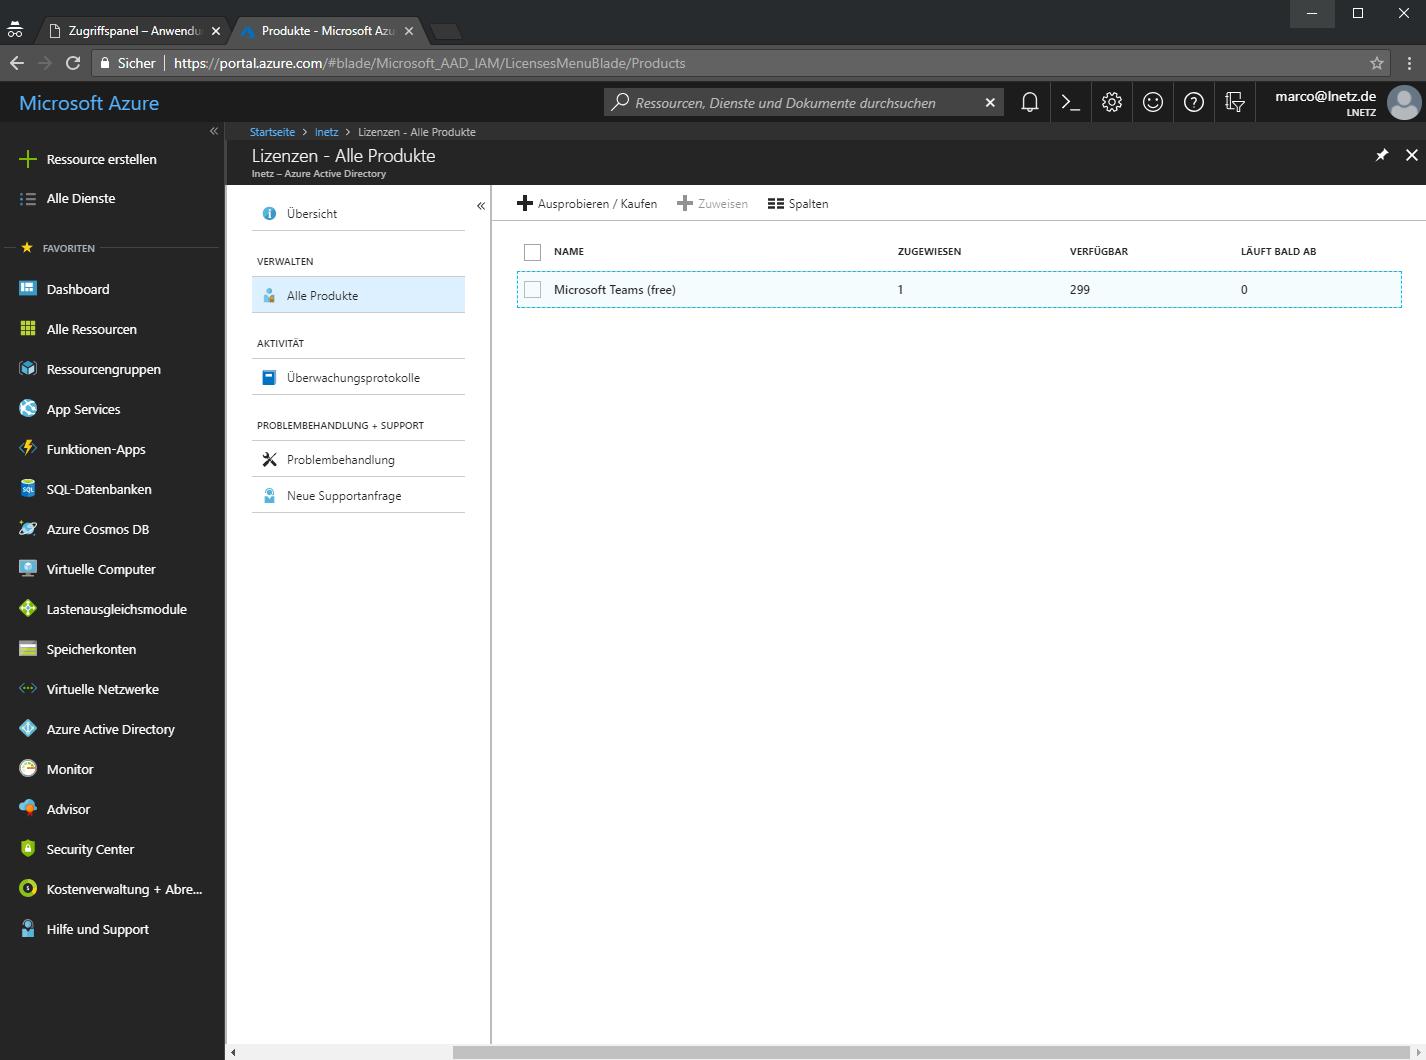 Office 365 Azure Portal Screenshot 3